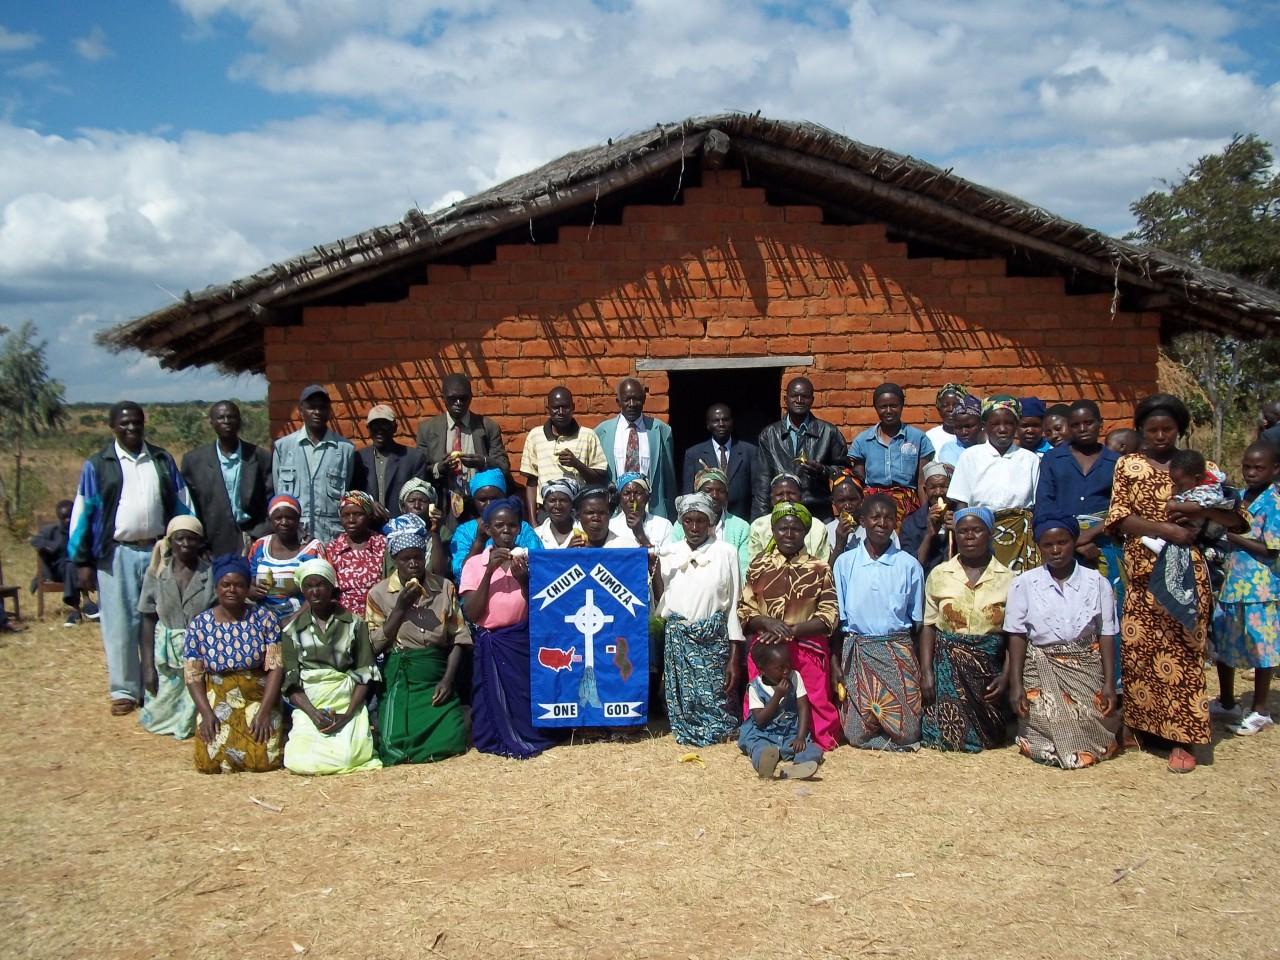 Kapiri Congregation